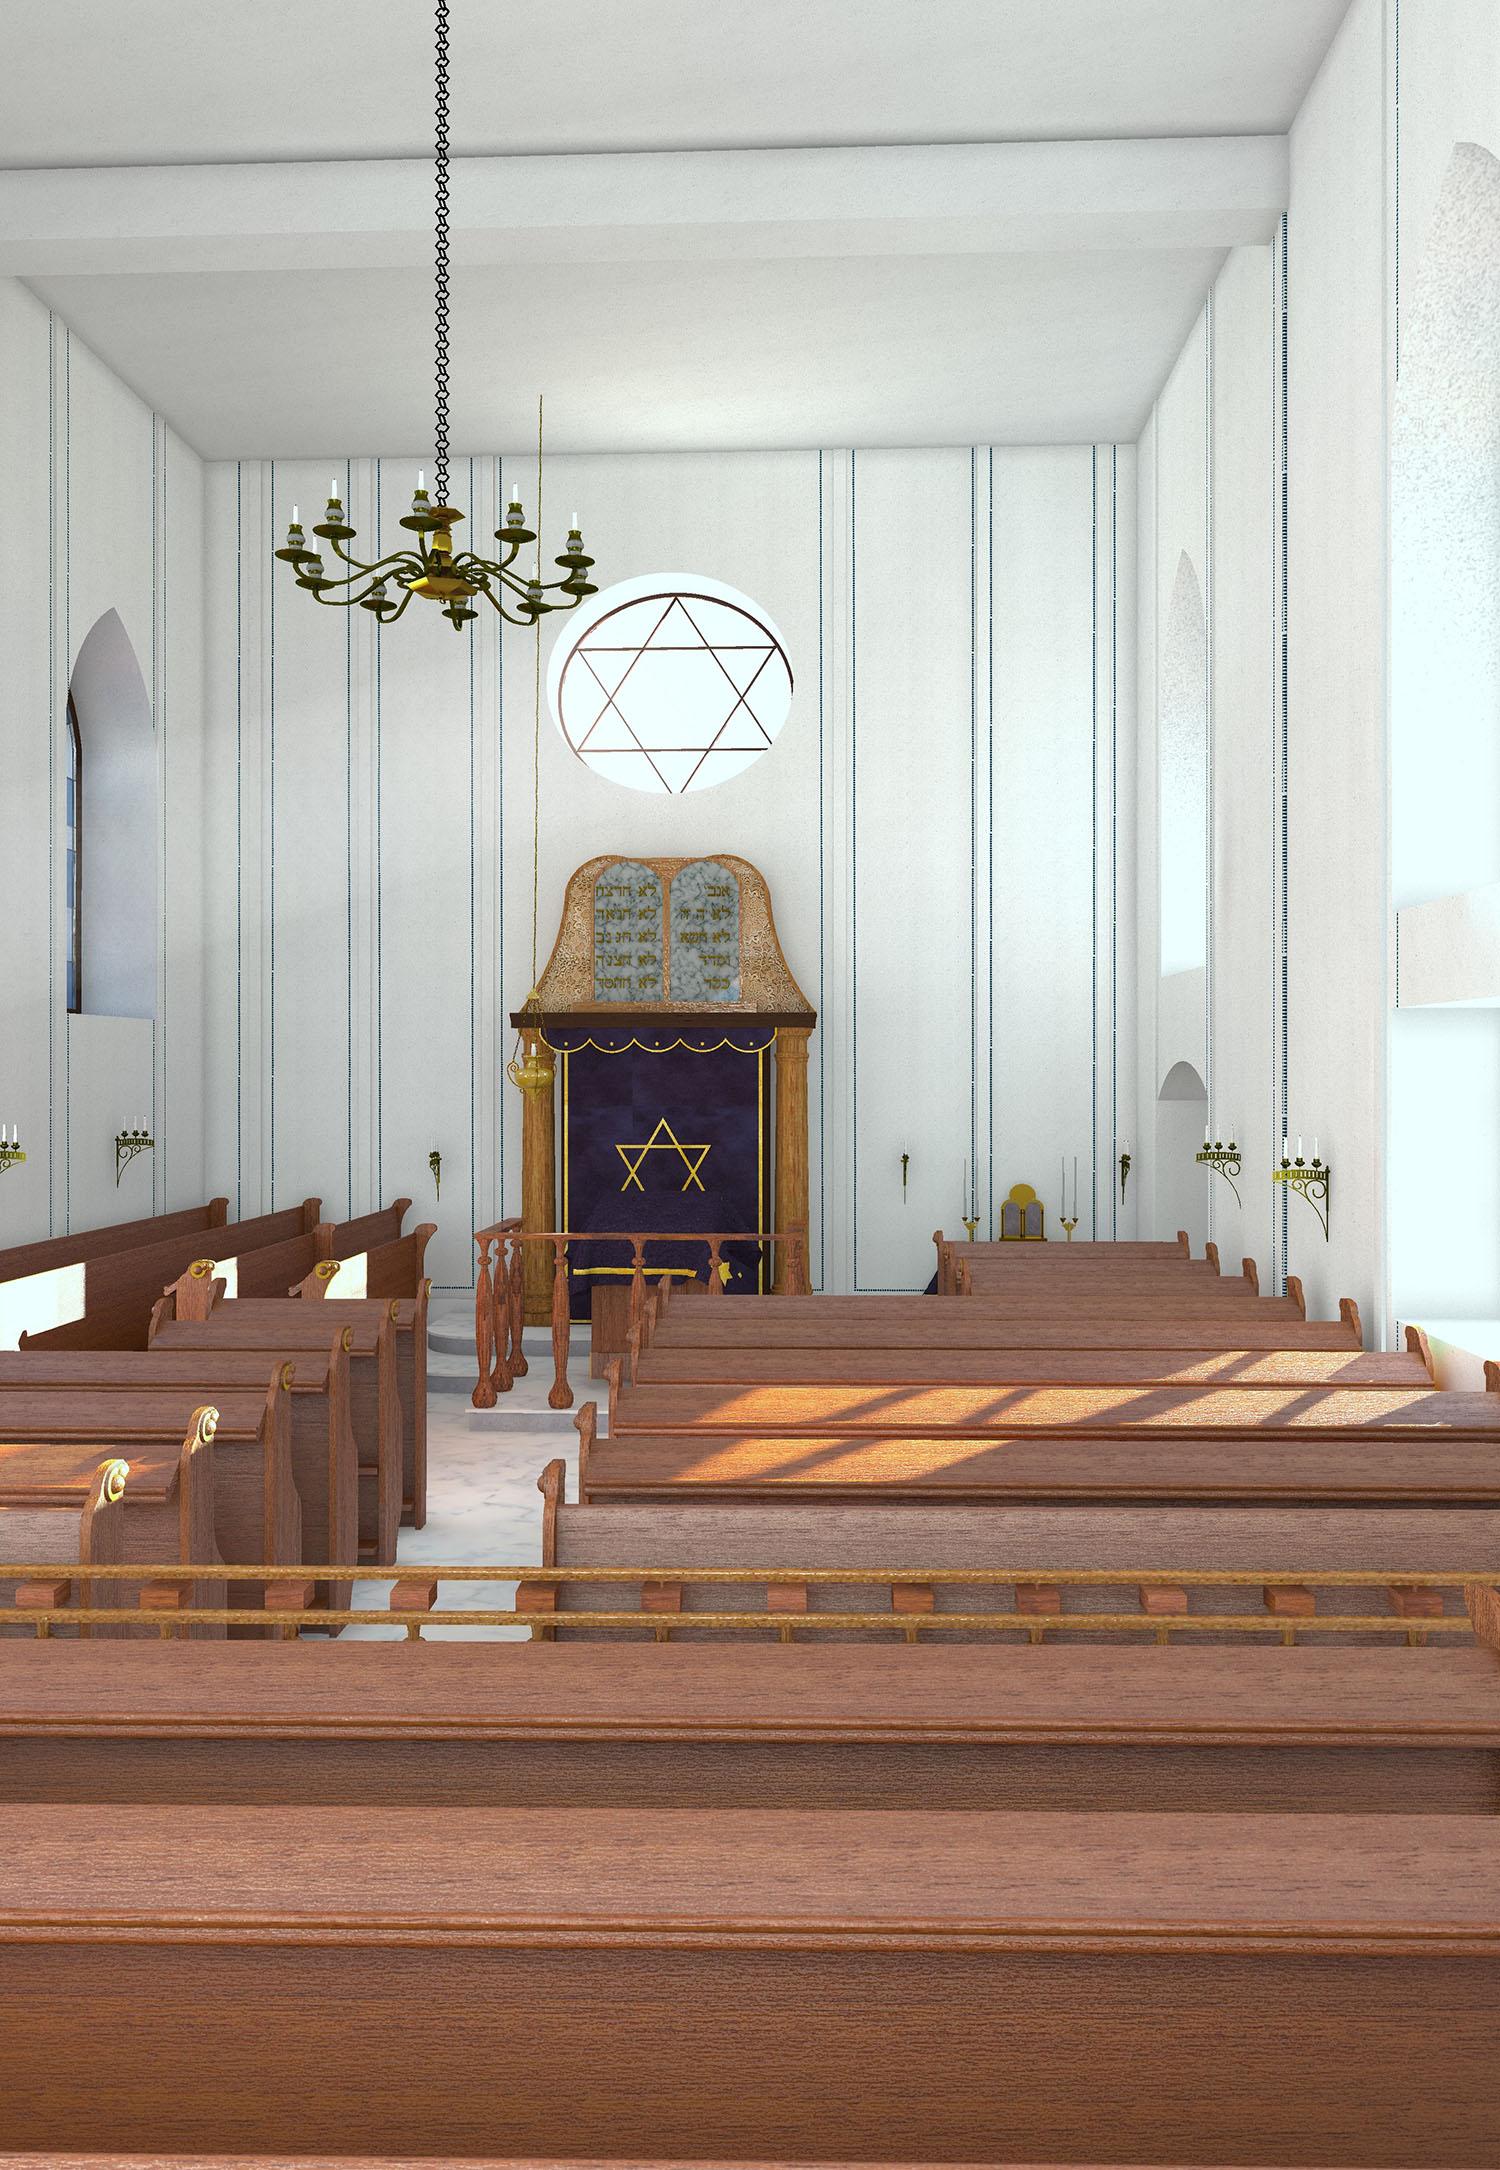 Alte Synagoge - Innenraum mit Blick Richtung Thoraschrein